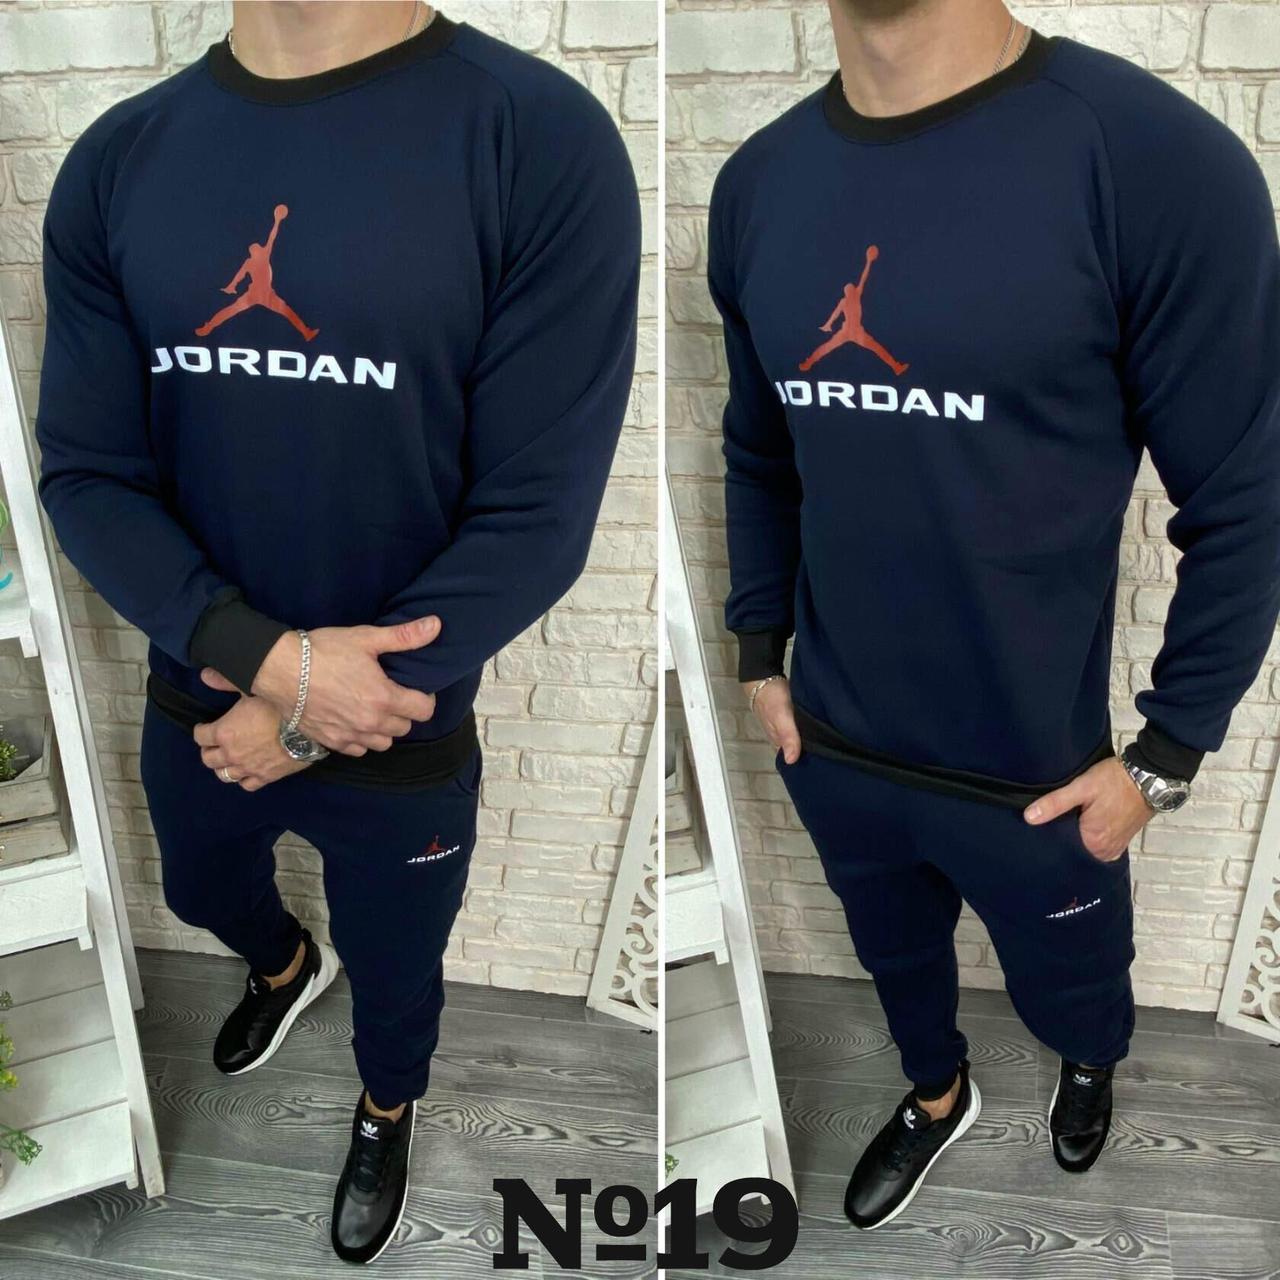 """Чоловічий спортивний костюм в стилі Jordan , тканина """"Трикотаж трехнитка"""" на флісі 50, 52, 54 розмір 50"""